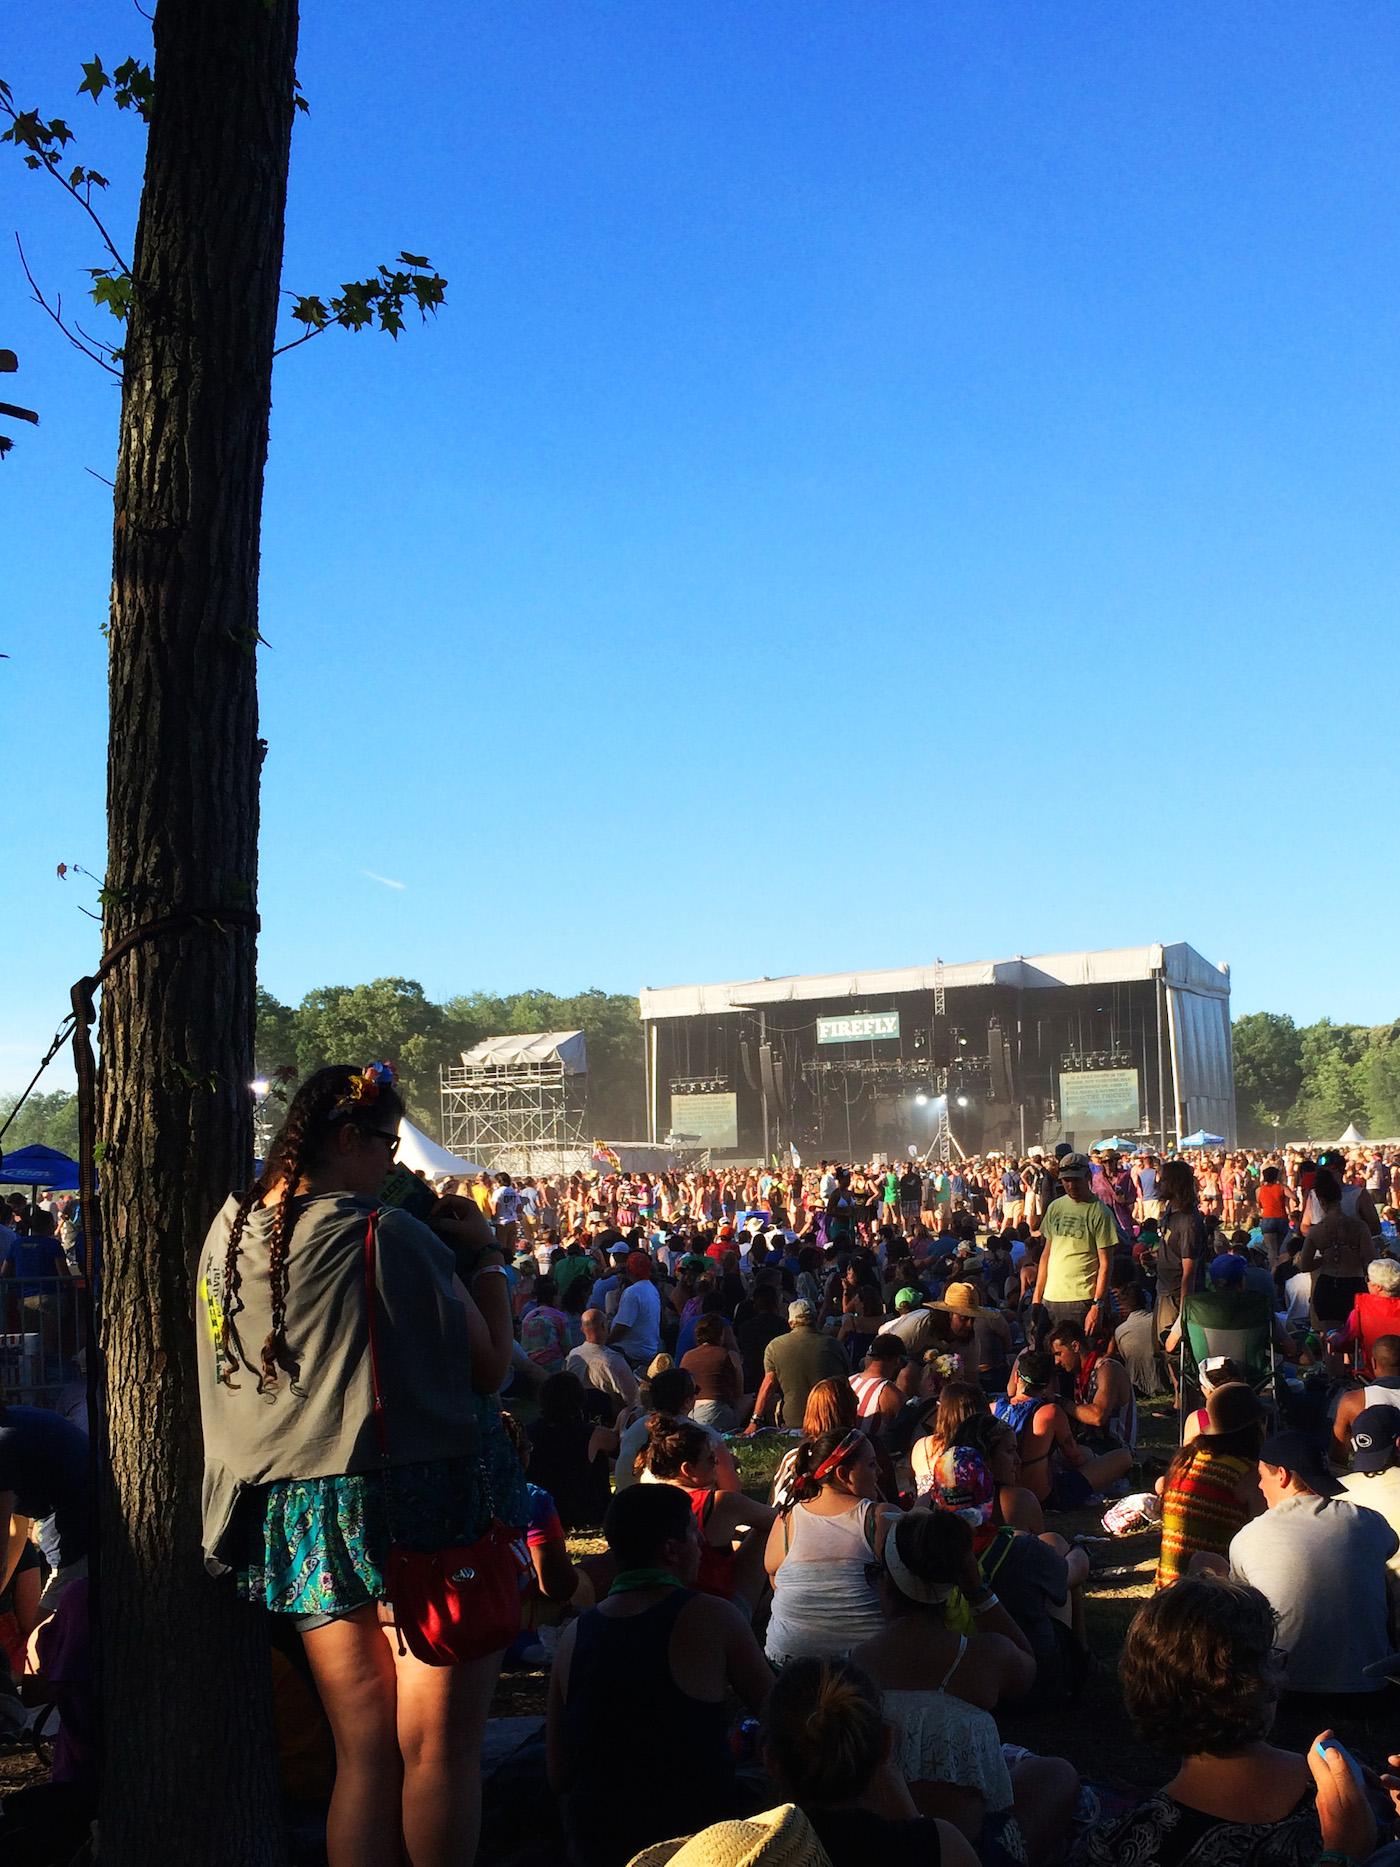 The Arctic Monkey's crowd